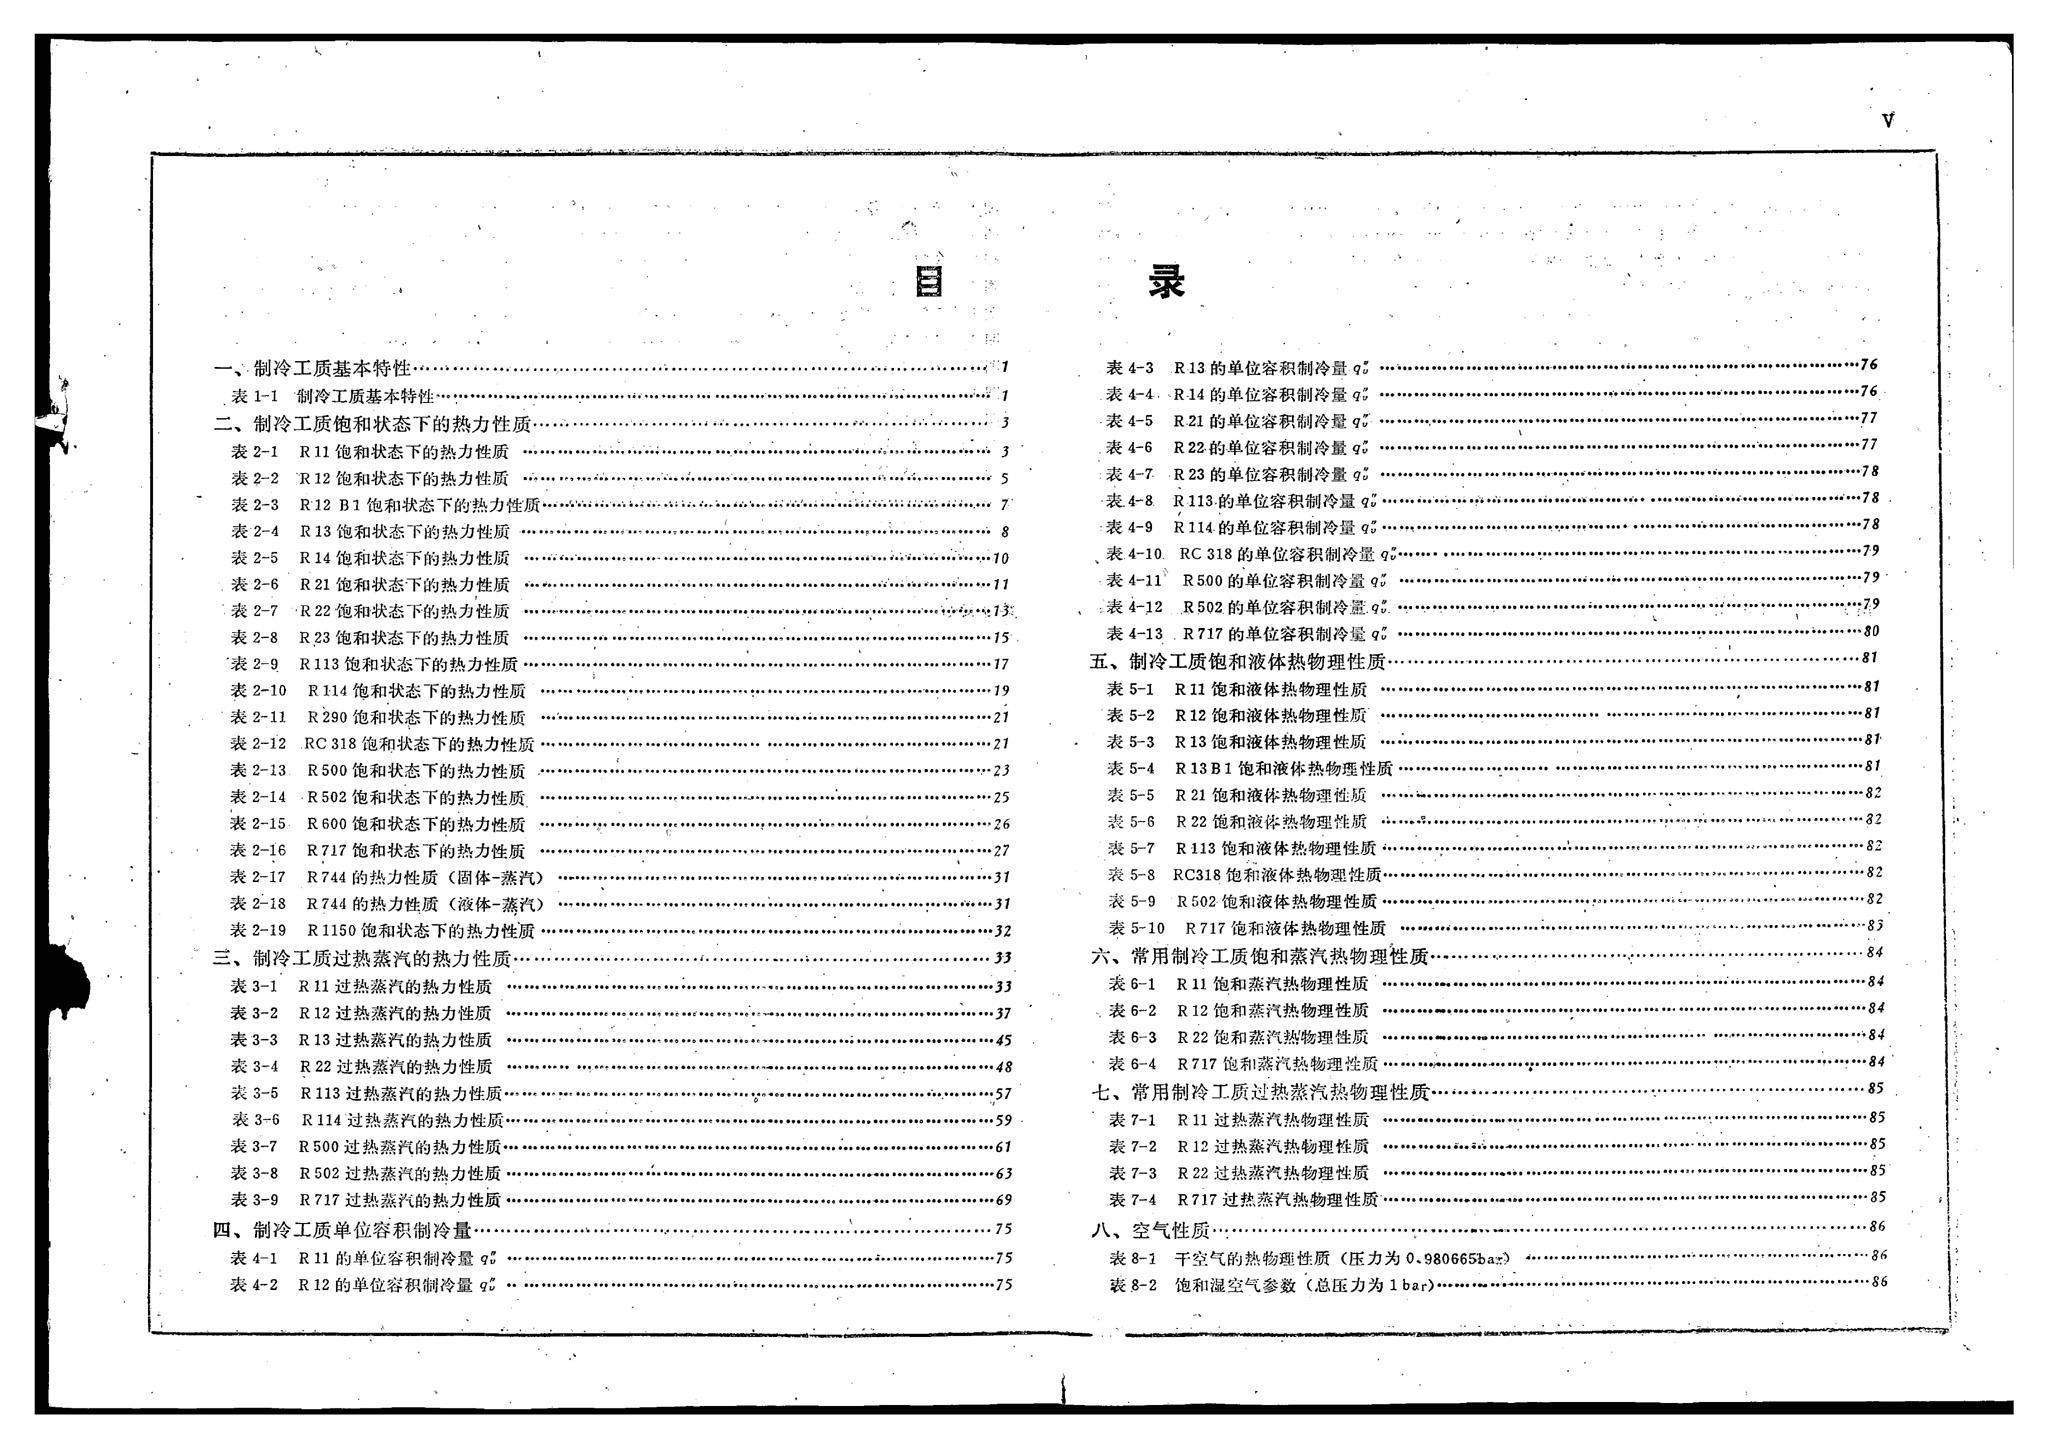 照片制冷与交流、电气设计版块工质:制造机械杭州勤学设计院俞建筑书籍图片